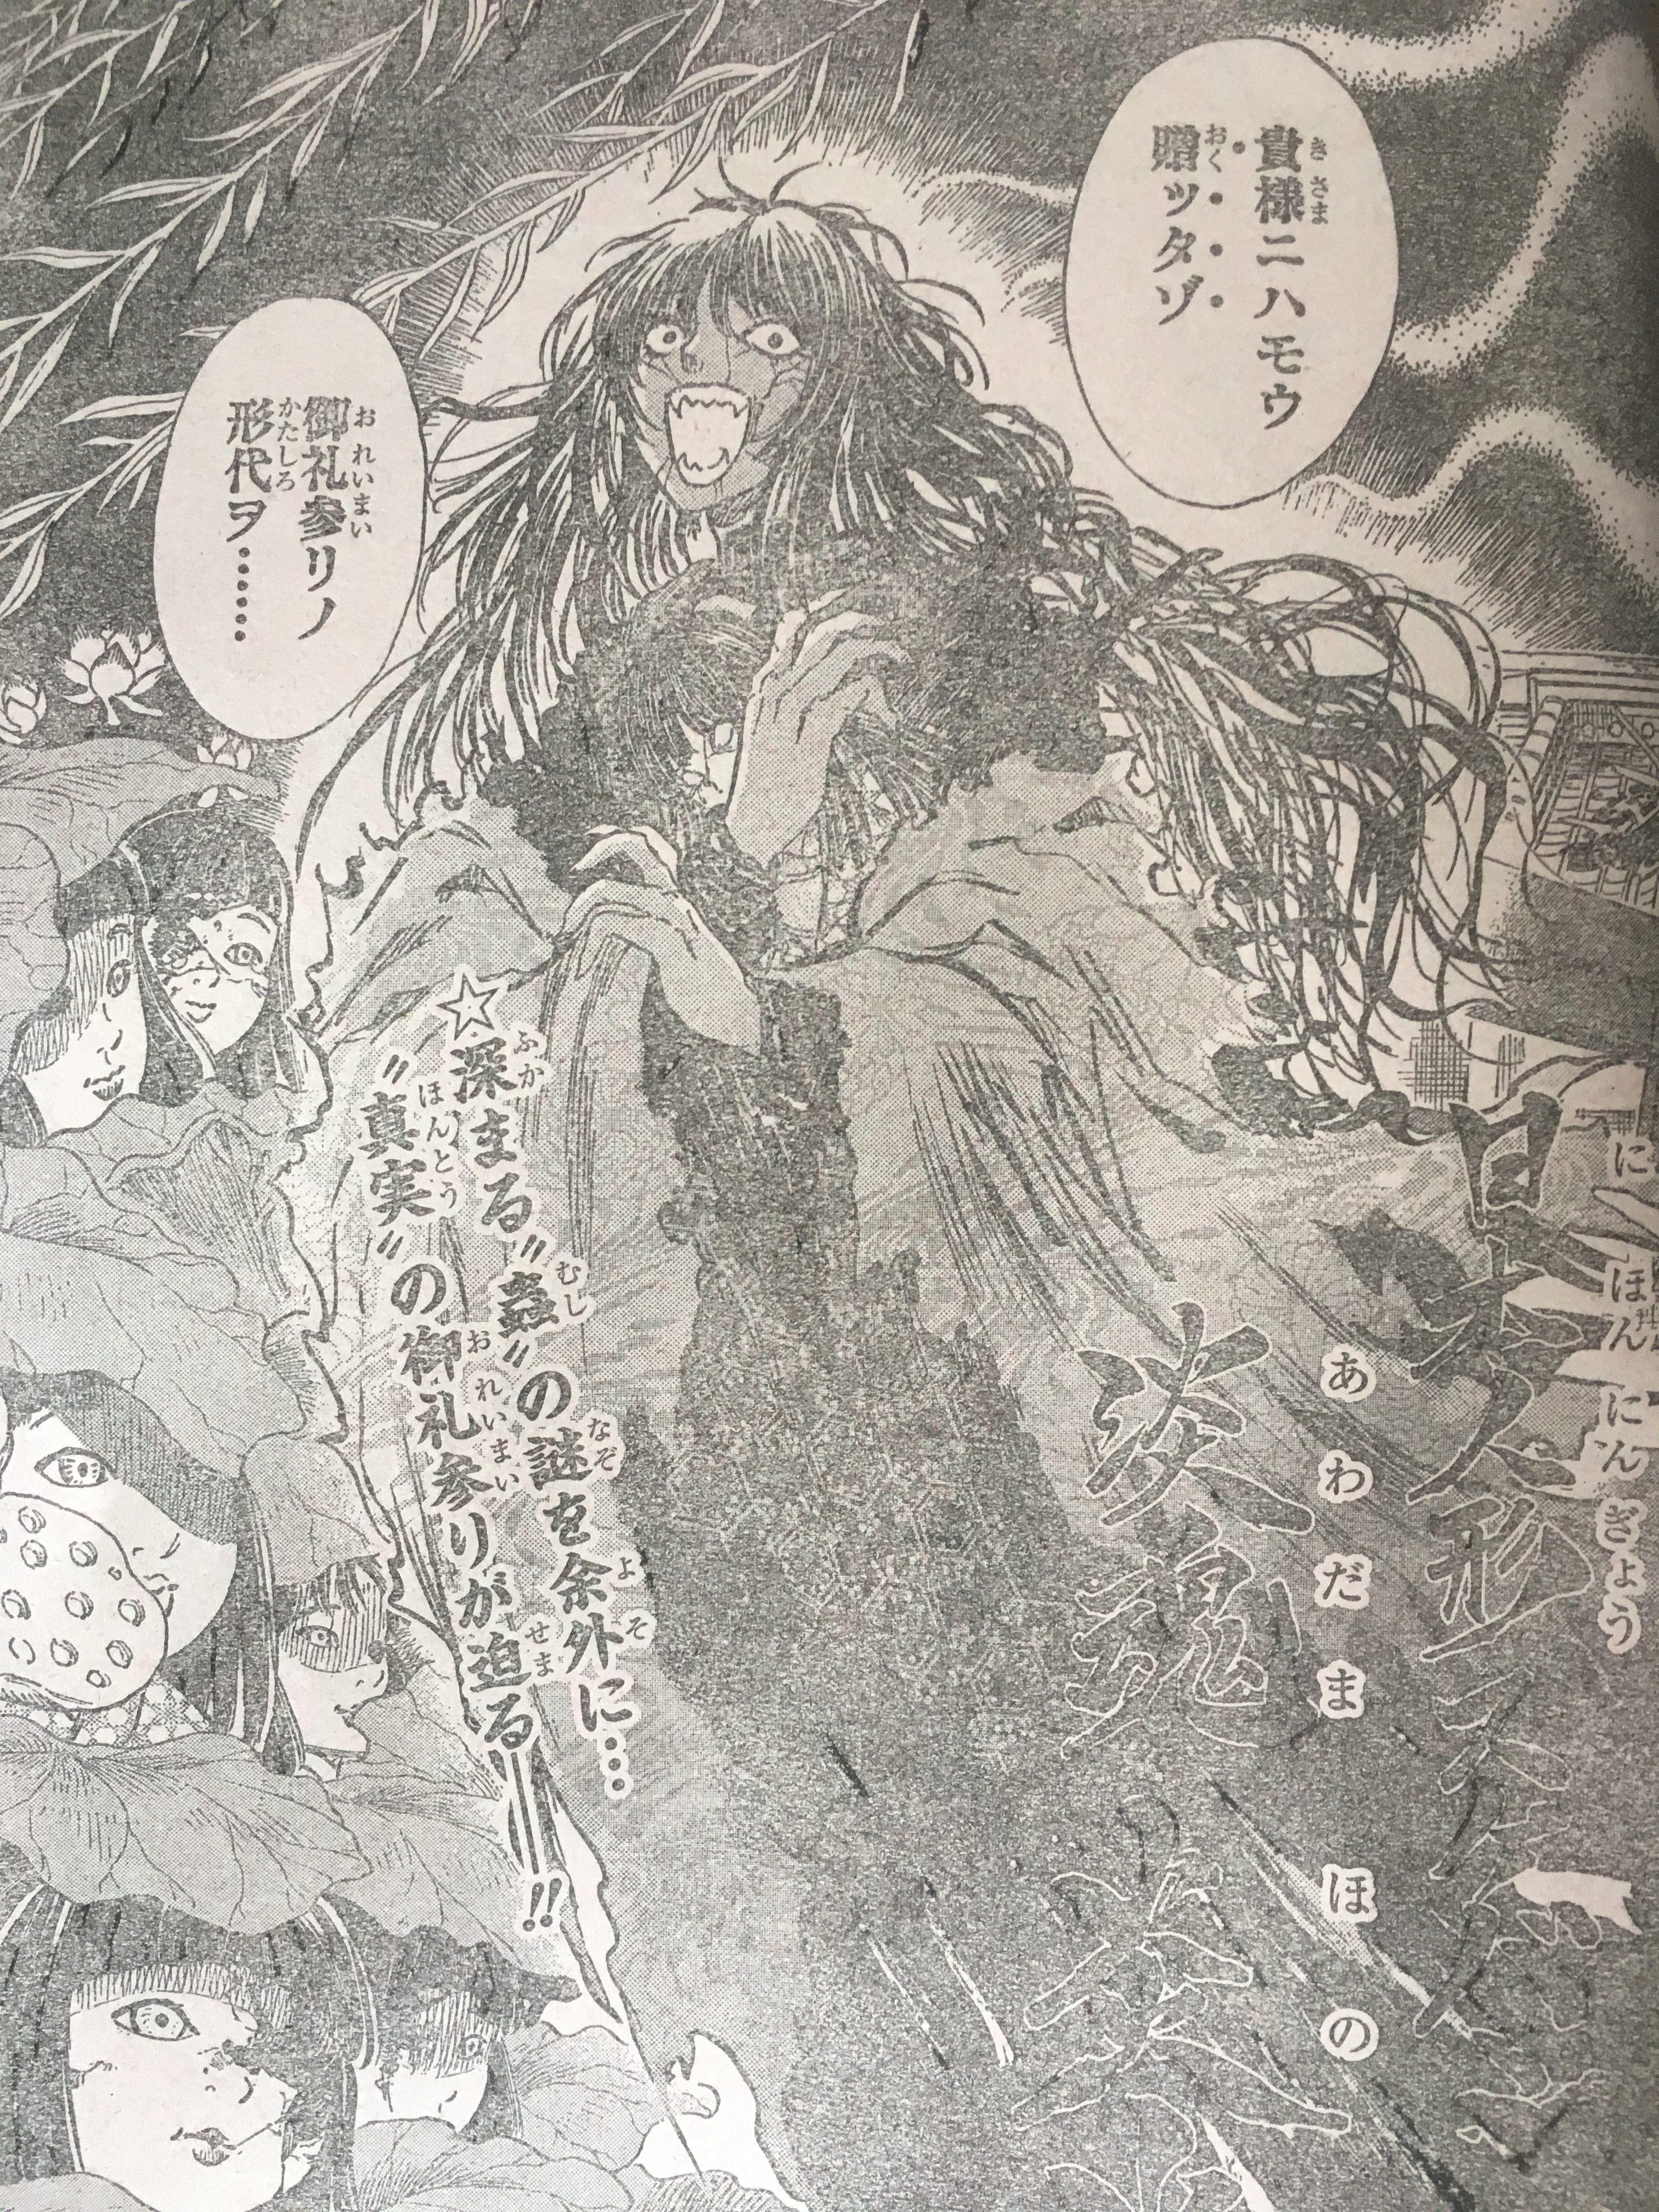 ぬらりひょん の 孫 漫画 ネタバレ